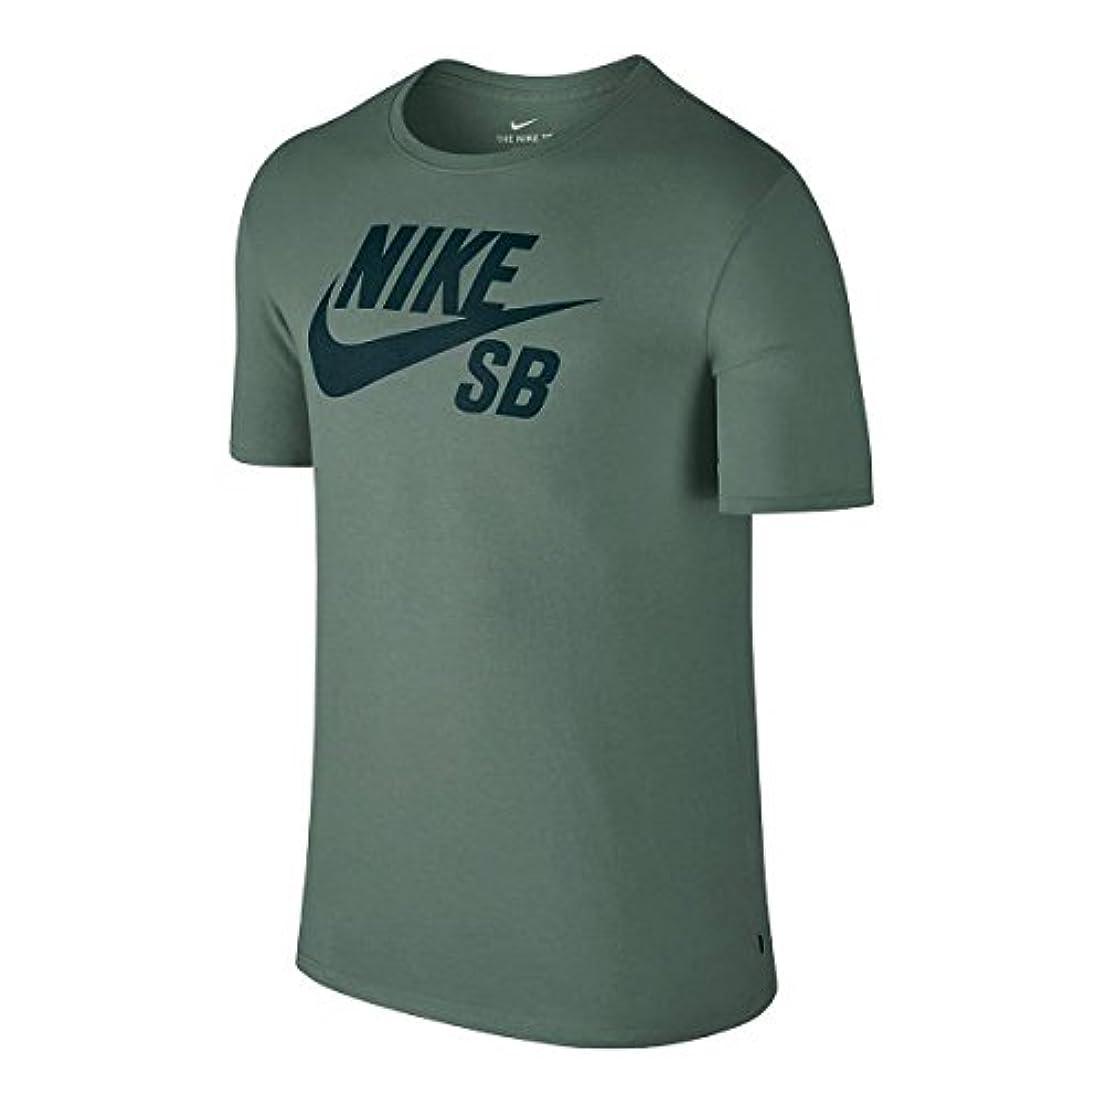 ストレンジャービン過半数NIKE SB(ナイキSB) Tシャツ DRI-FIT ロゴ 821947-365 クレイグリーン×ディープジャングル ナイキSB Tシャツ 【C1】